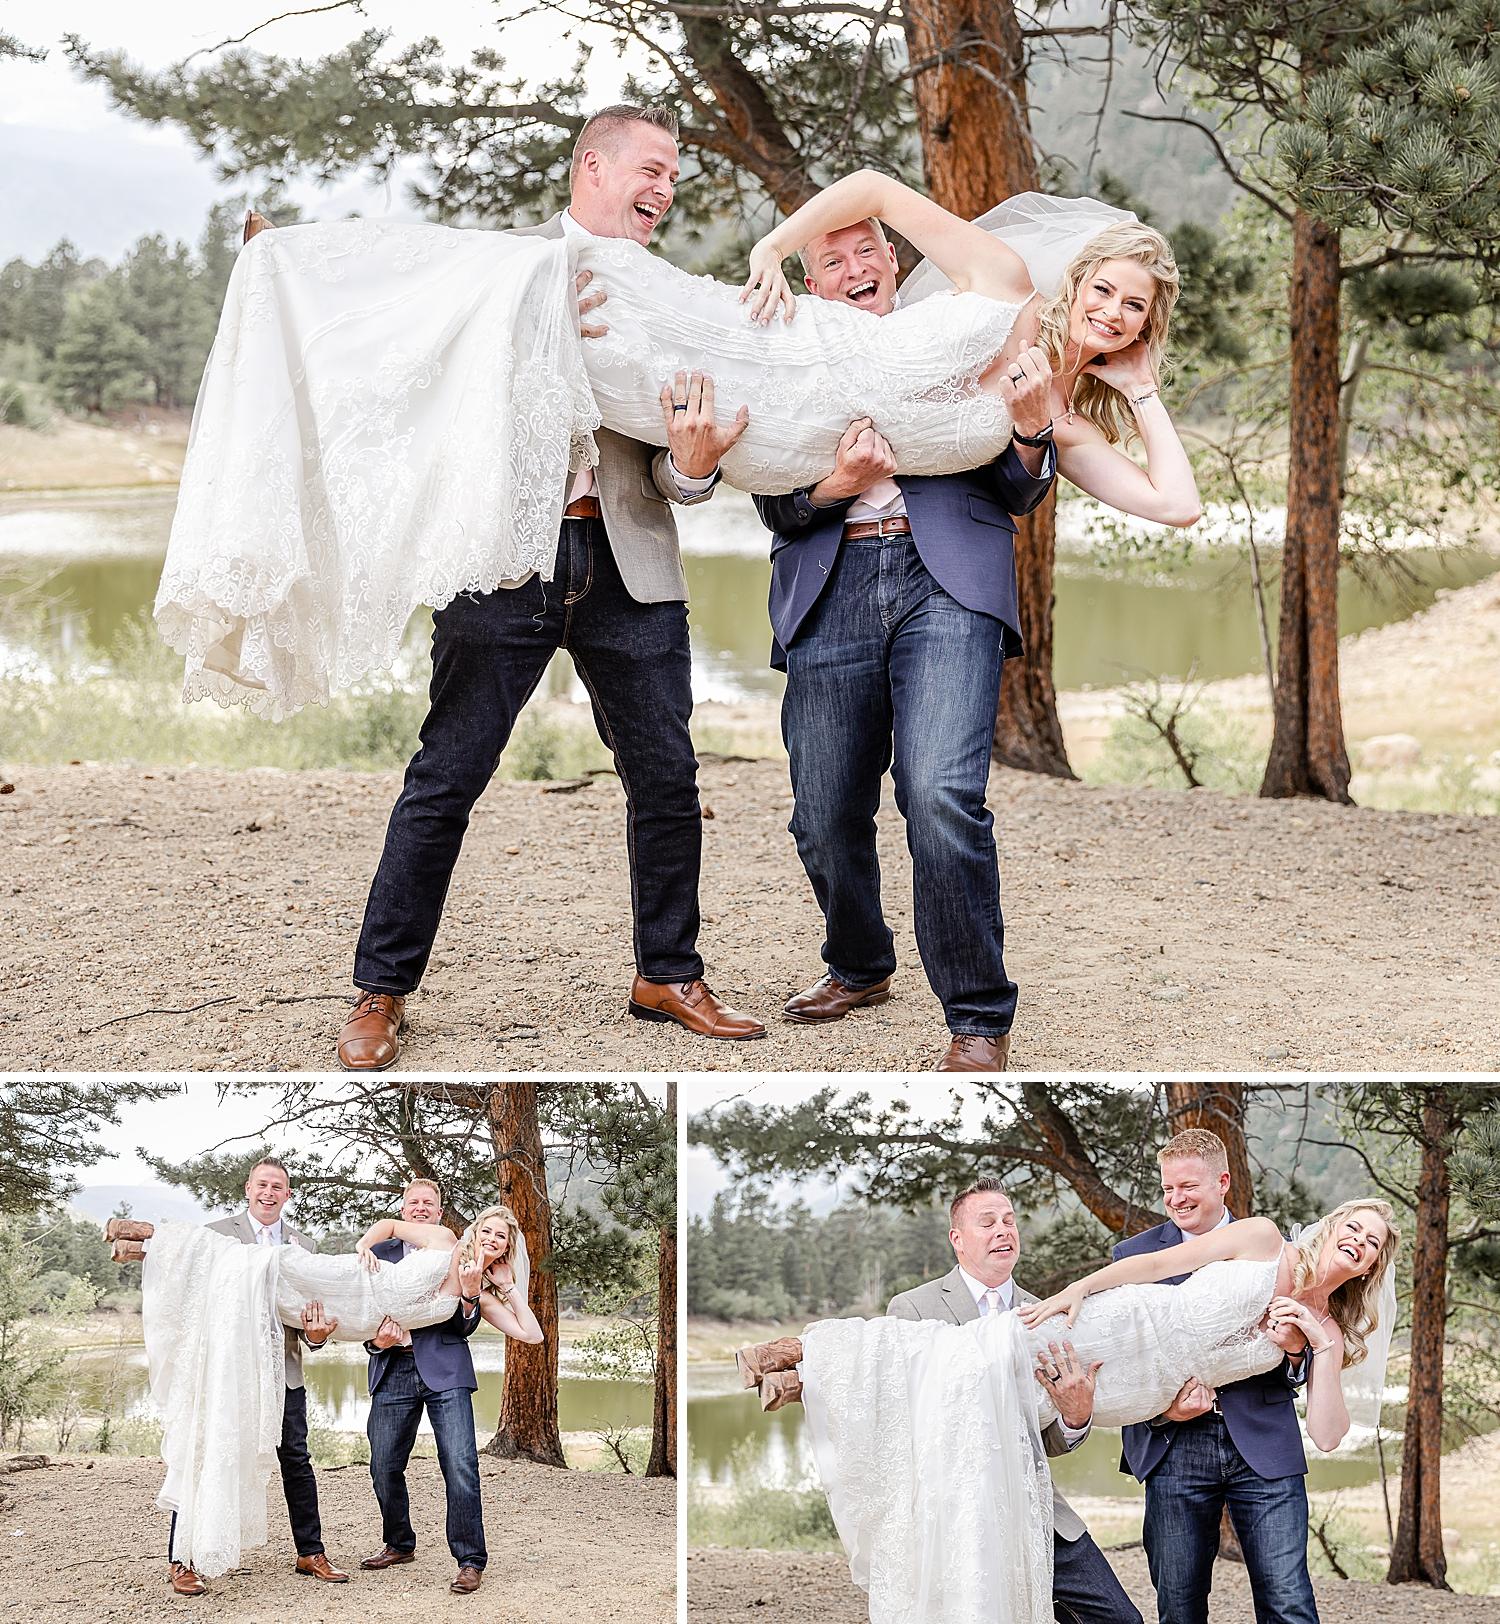 Carly-Barton-Photography-Rocky-Mountain-National-Park-Estes-Park-Wedding-Elopement_0104.jpg